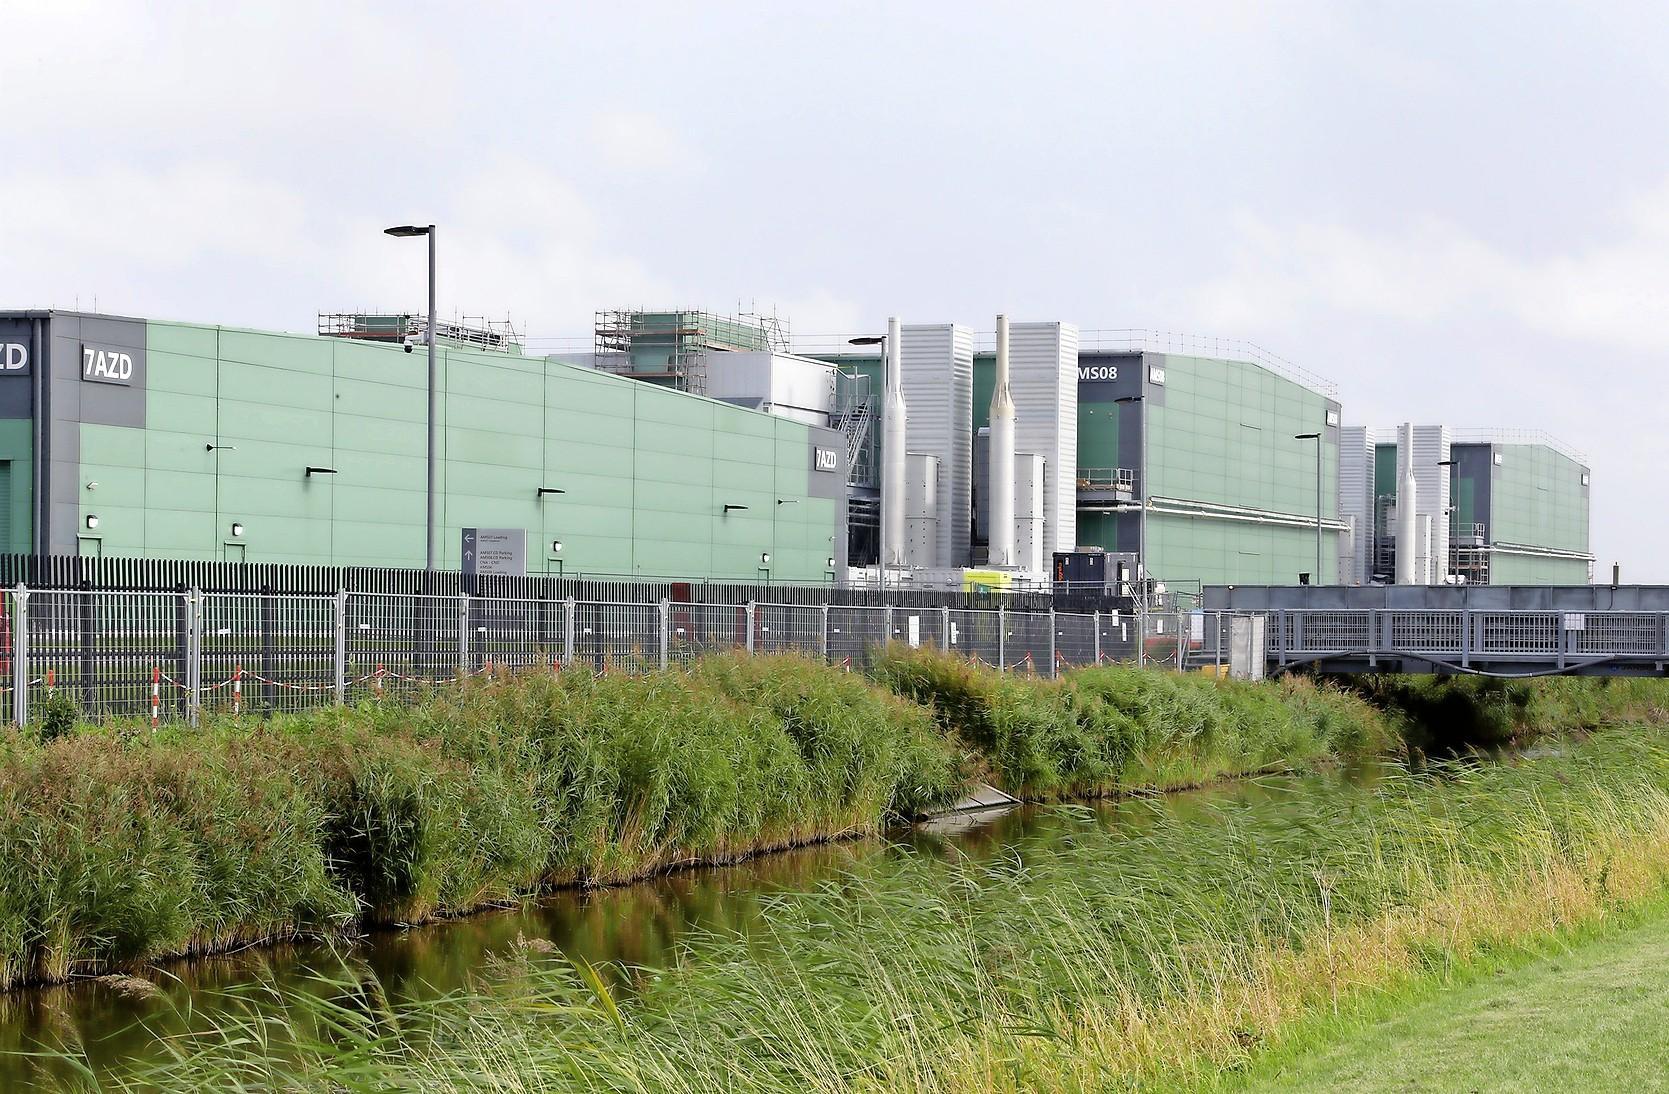 Het schrappen van datacenters in het al goedgekeurde bestemmingsplan voor Agriport gaat de gemeente Hollands Kroon miljoenen euro's kosten. 'Geen reden voor paniek'